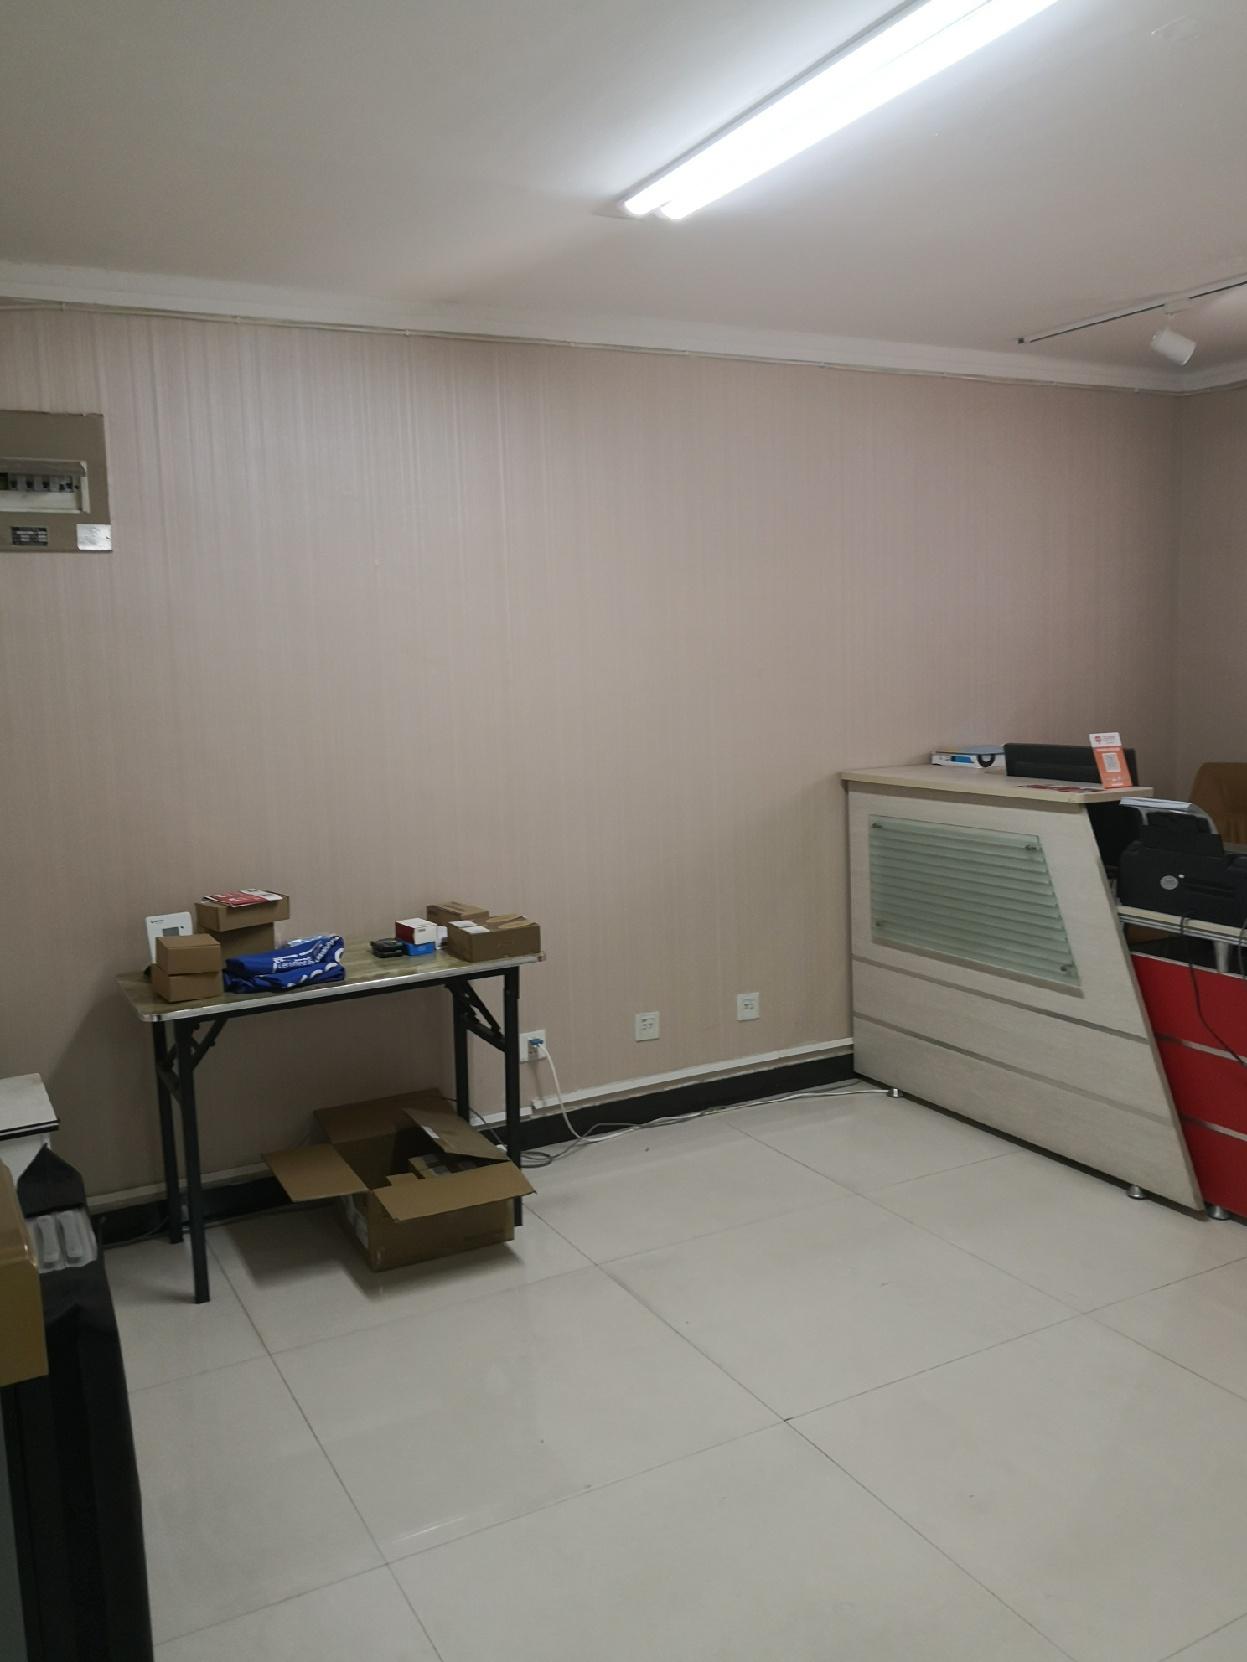 凯嘉大厦4楼83平米办公室出租,带简单办公桌椅用品